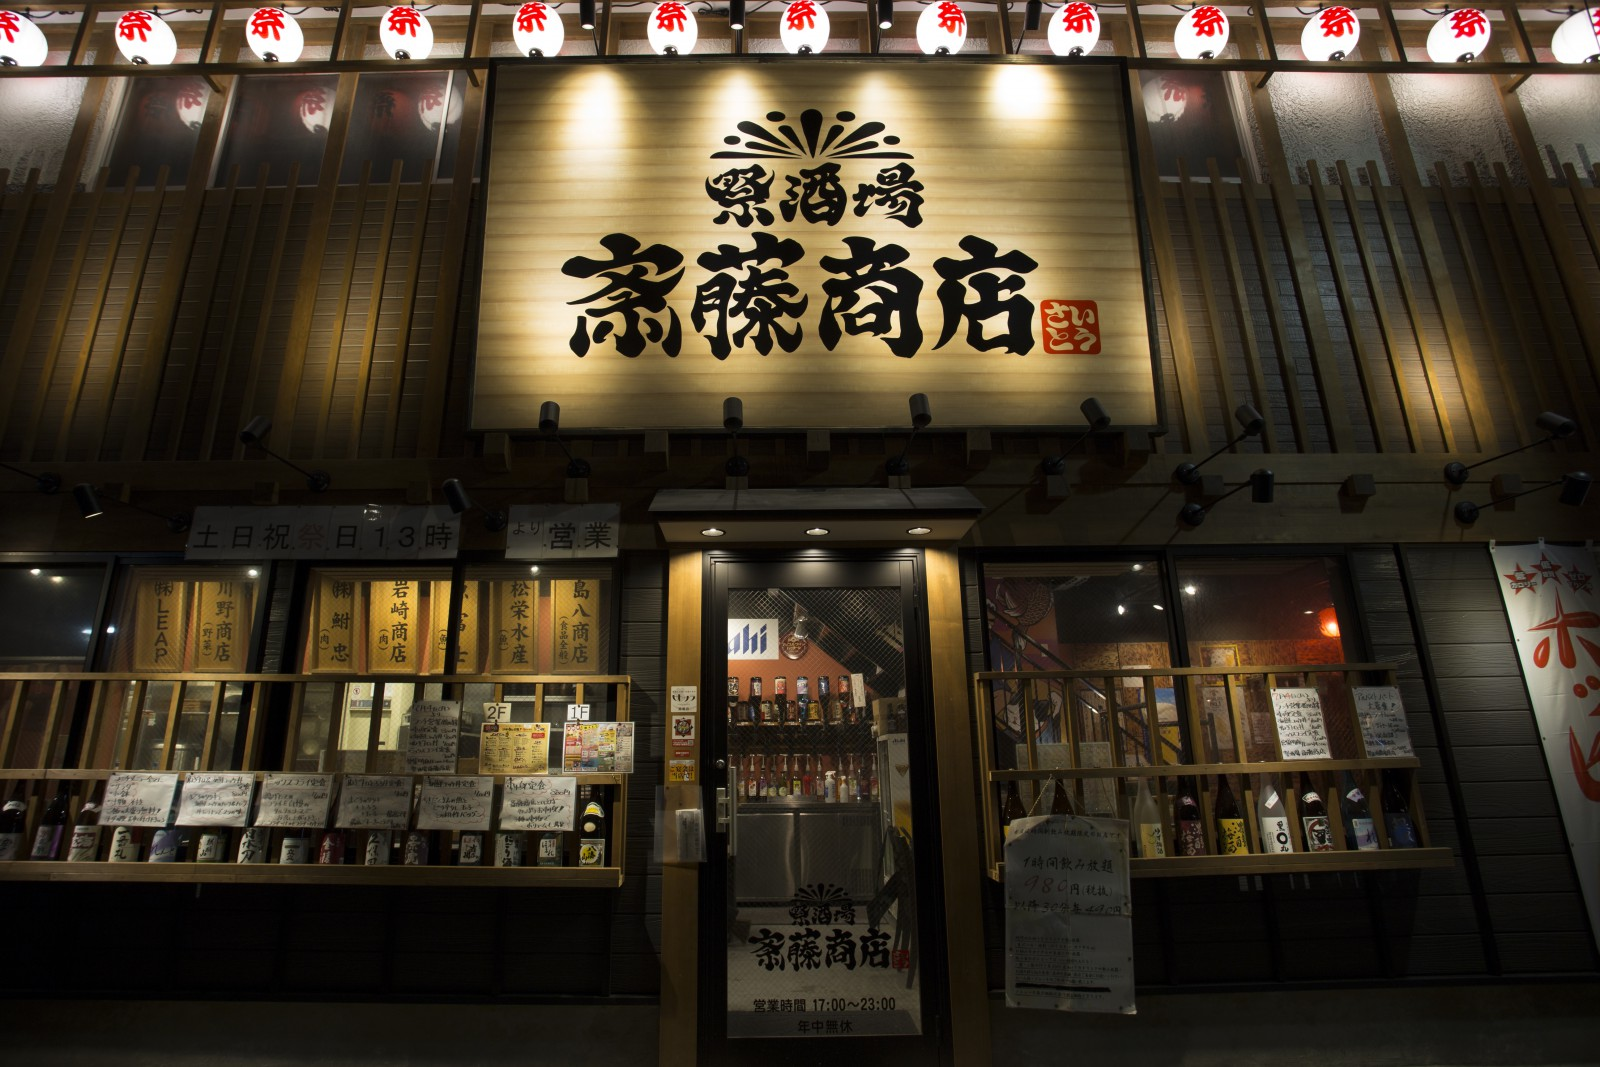 大衆祭をコンセプトにした居酒屋の店舗内装【江東区門前仲町】